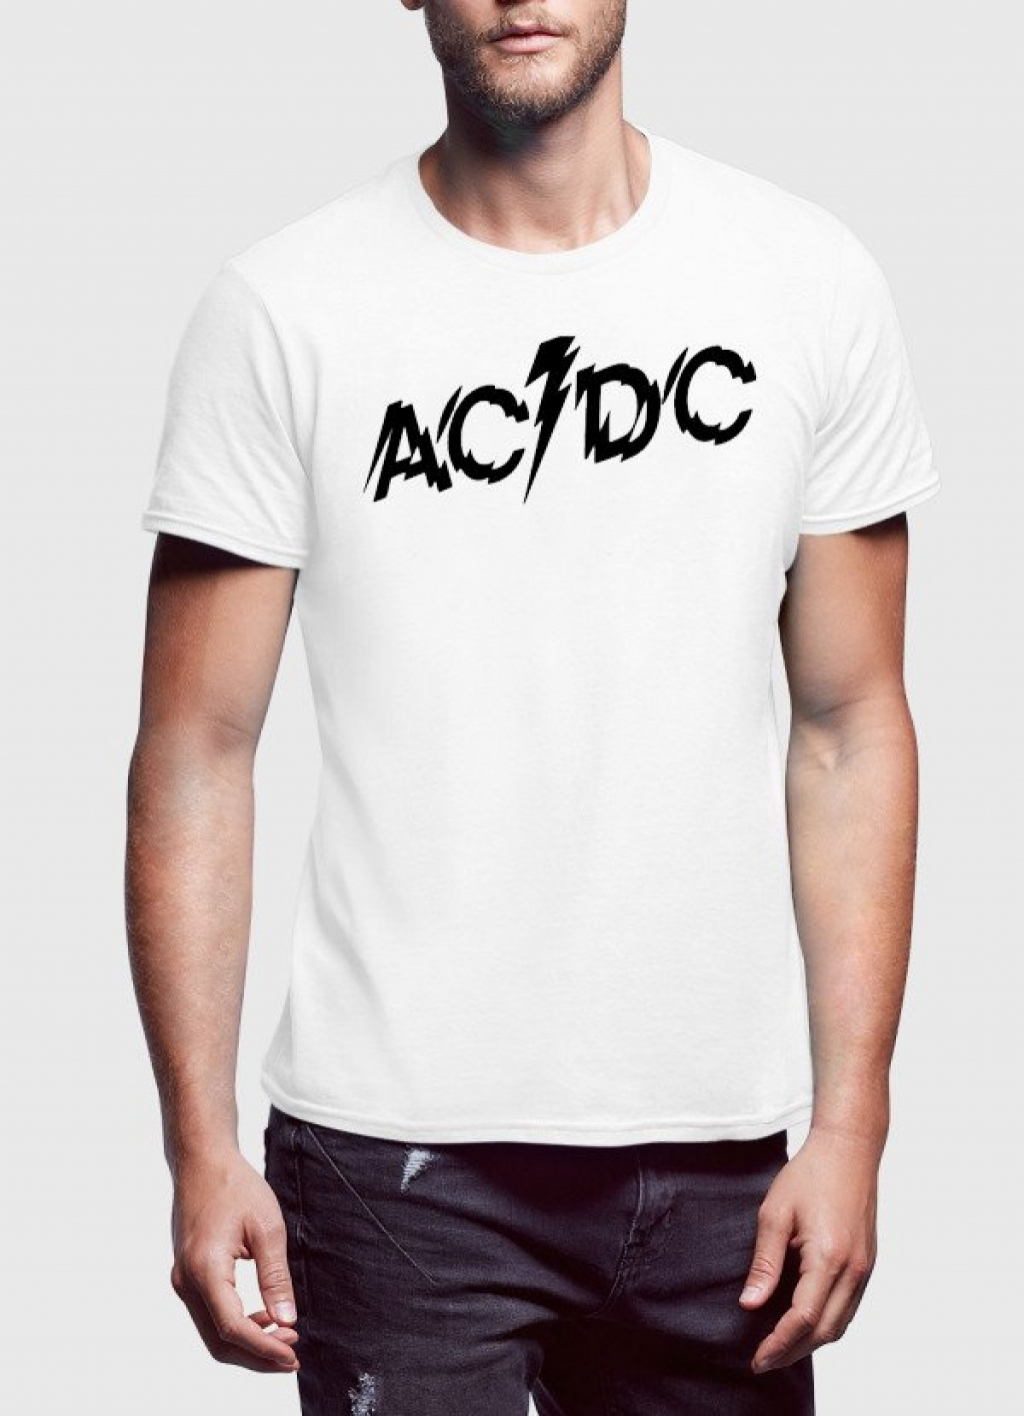 14964119140_ACDC_Back_In_Black_Half_Sleeve_Men_T-Shirt-white.jpg